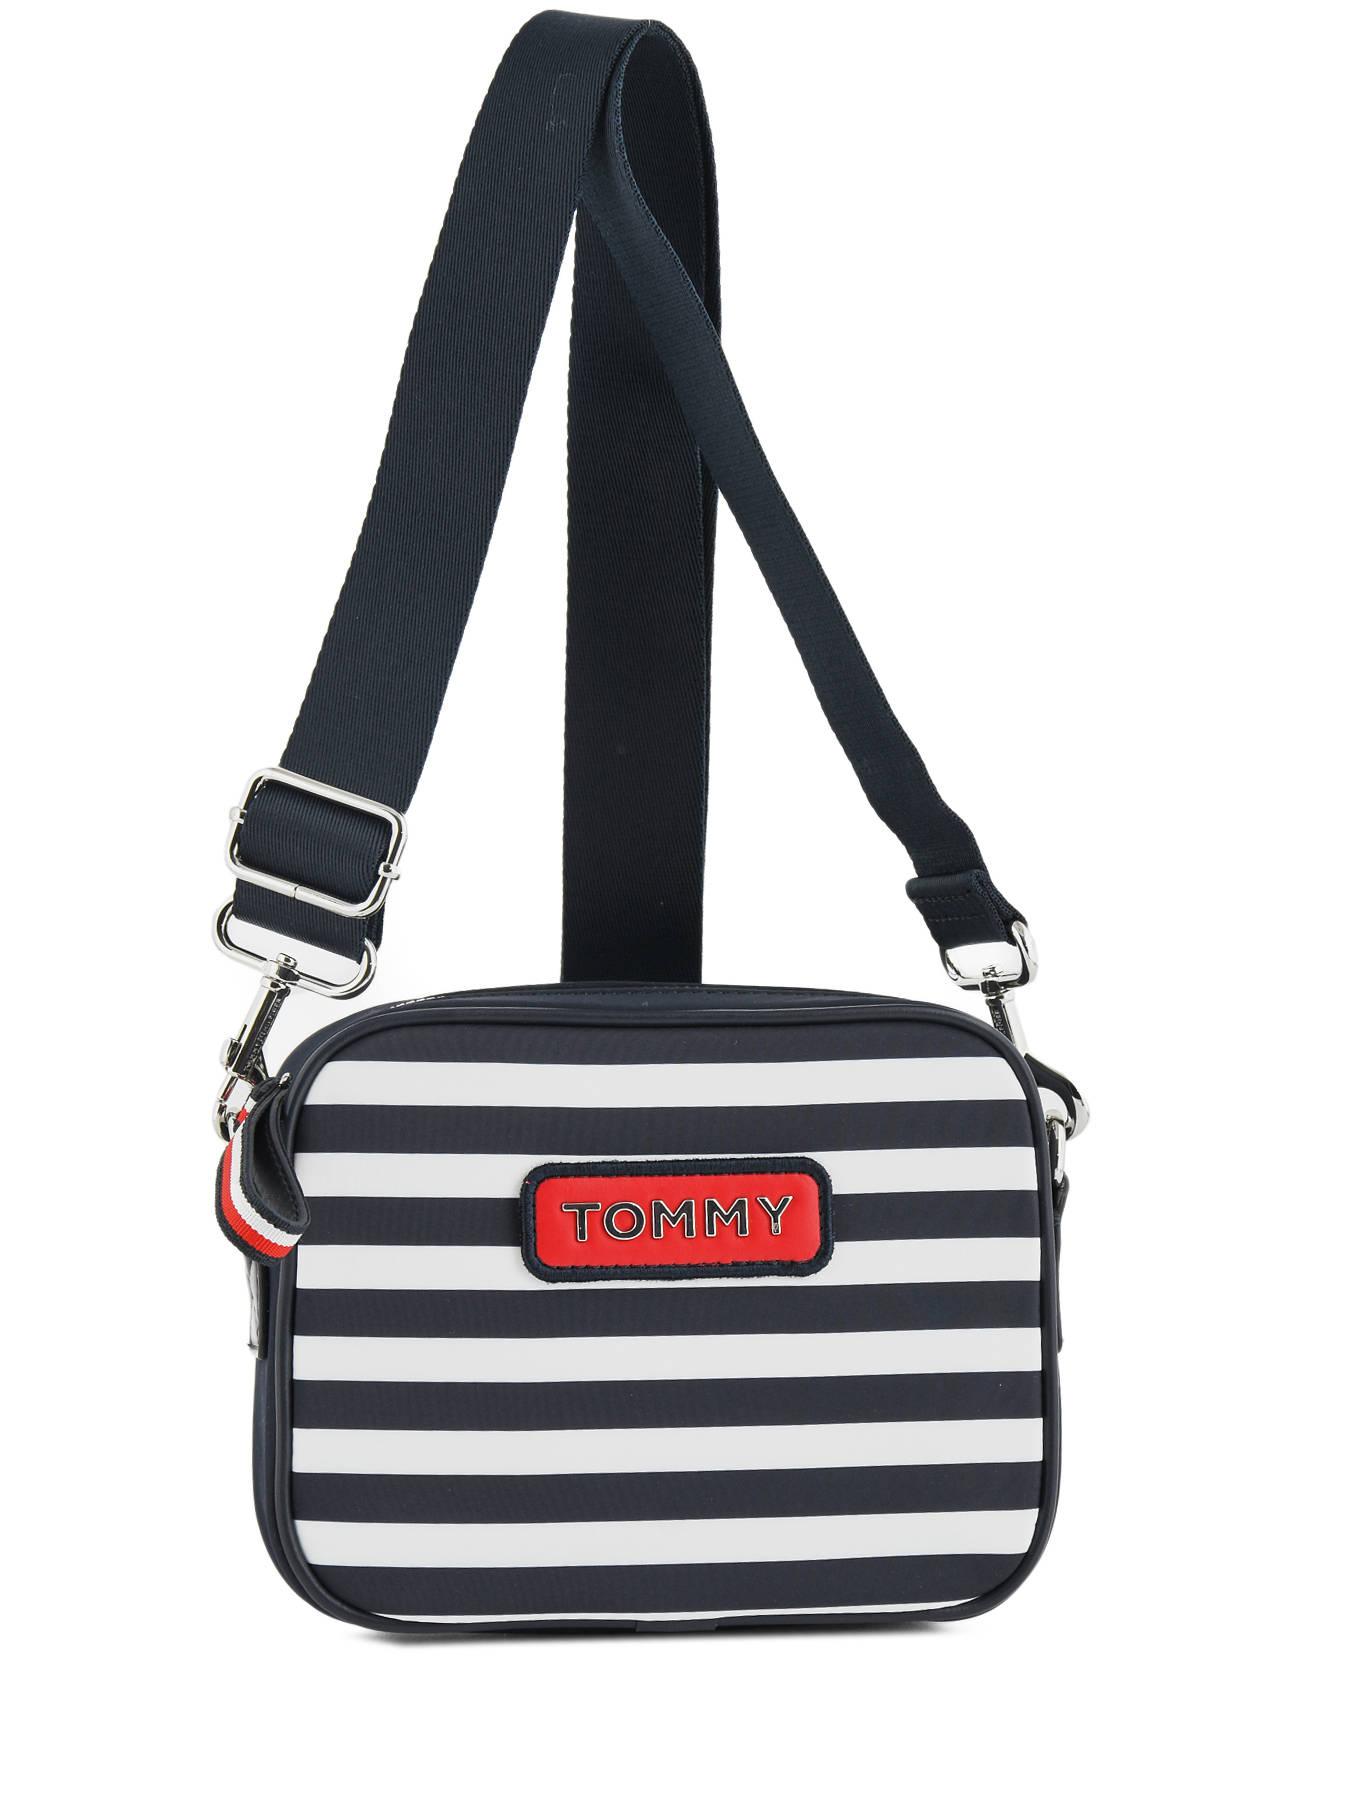 5771e485b58d ... Crossbody Bag Varsity Nylon Tommy hilfiger Beige varsity nylon AW06295  ...